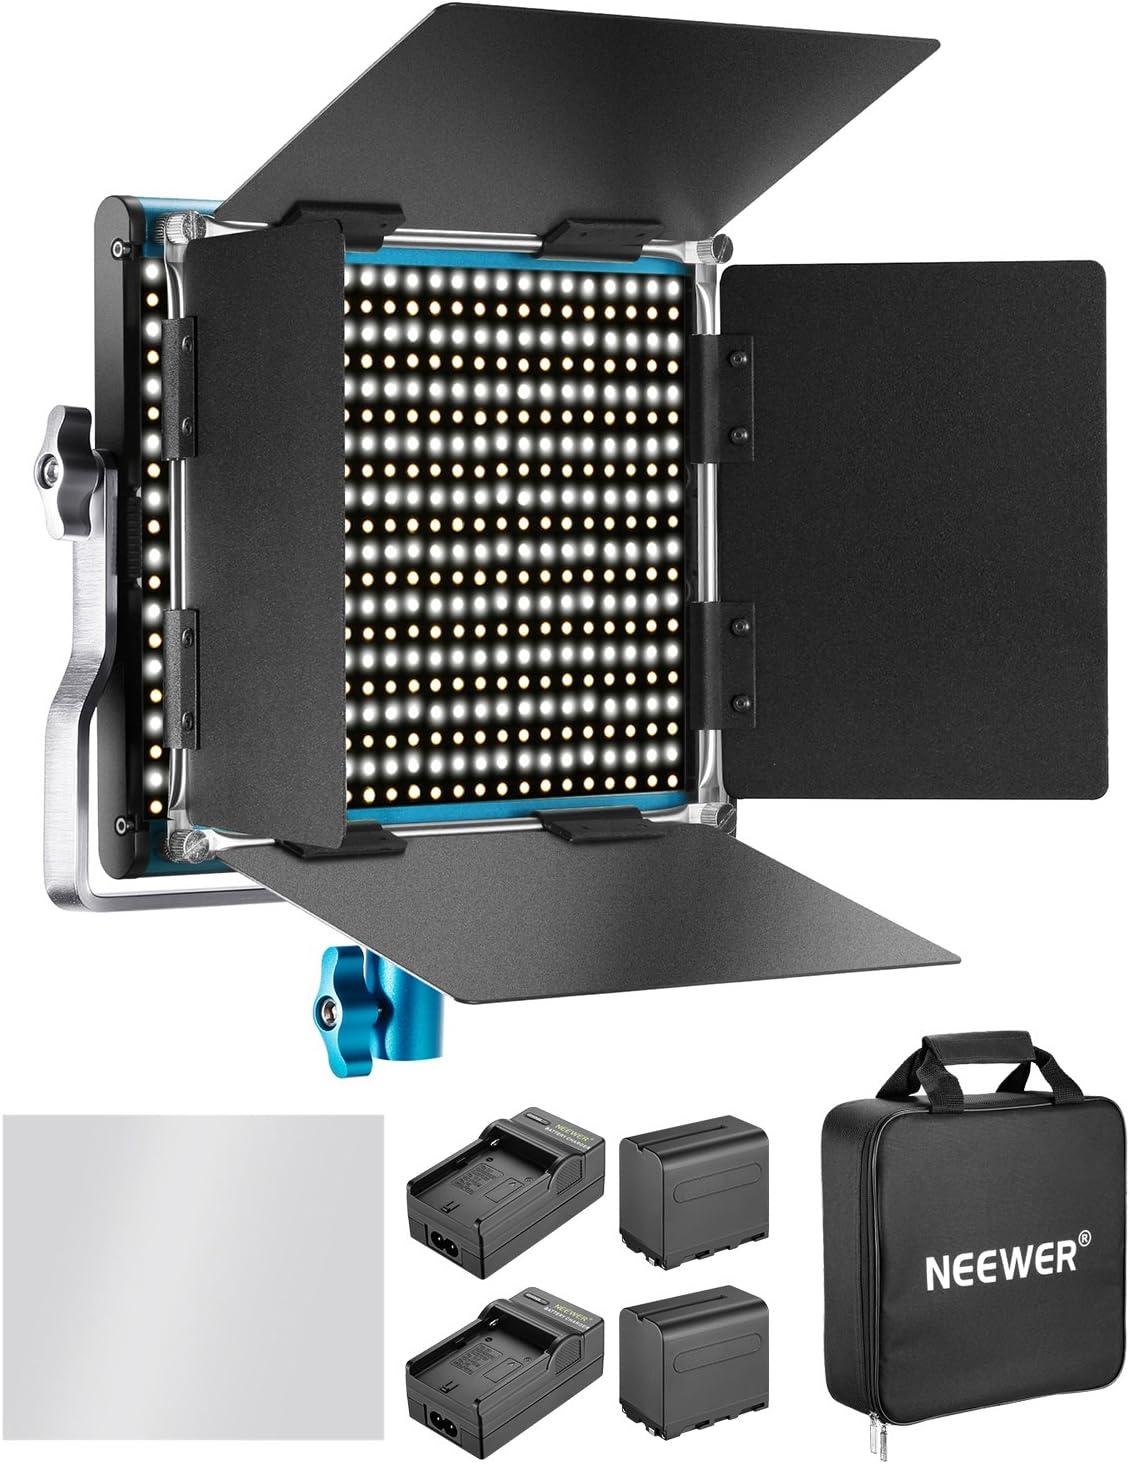 Neewer Regulable Bi-Color 660 LED Luz de Vídeo con Recargable 6600MAH Batería y Cargador Kit de Iluminación: 3200-5600K,CRI 96+ con U Soporte y Barndoor para Cámara Foto Estudio Video Filmación